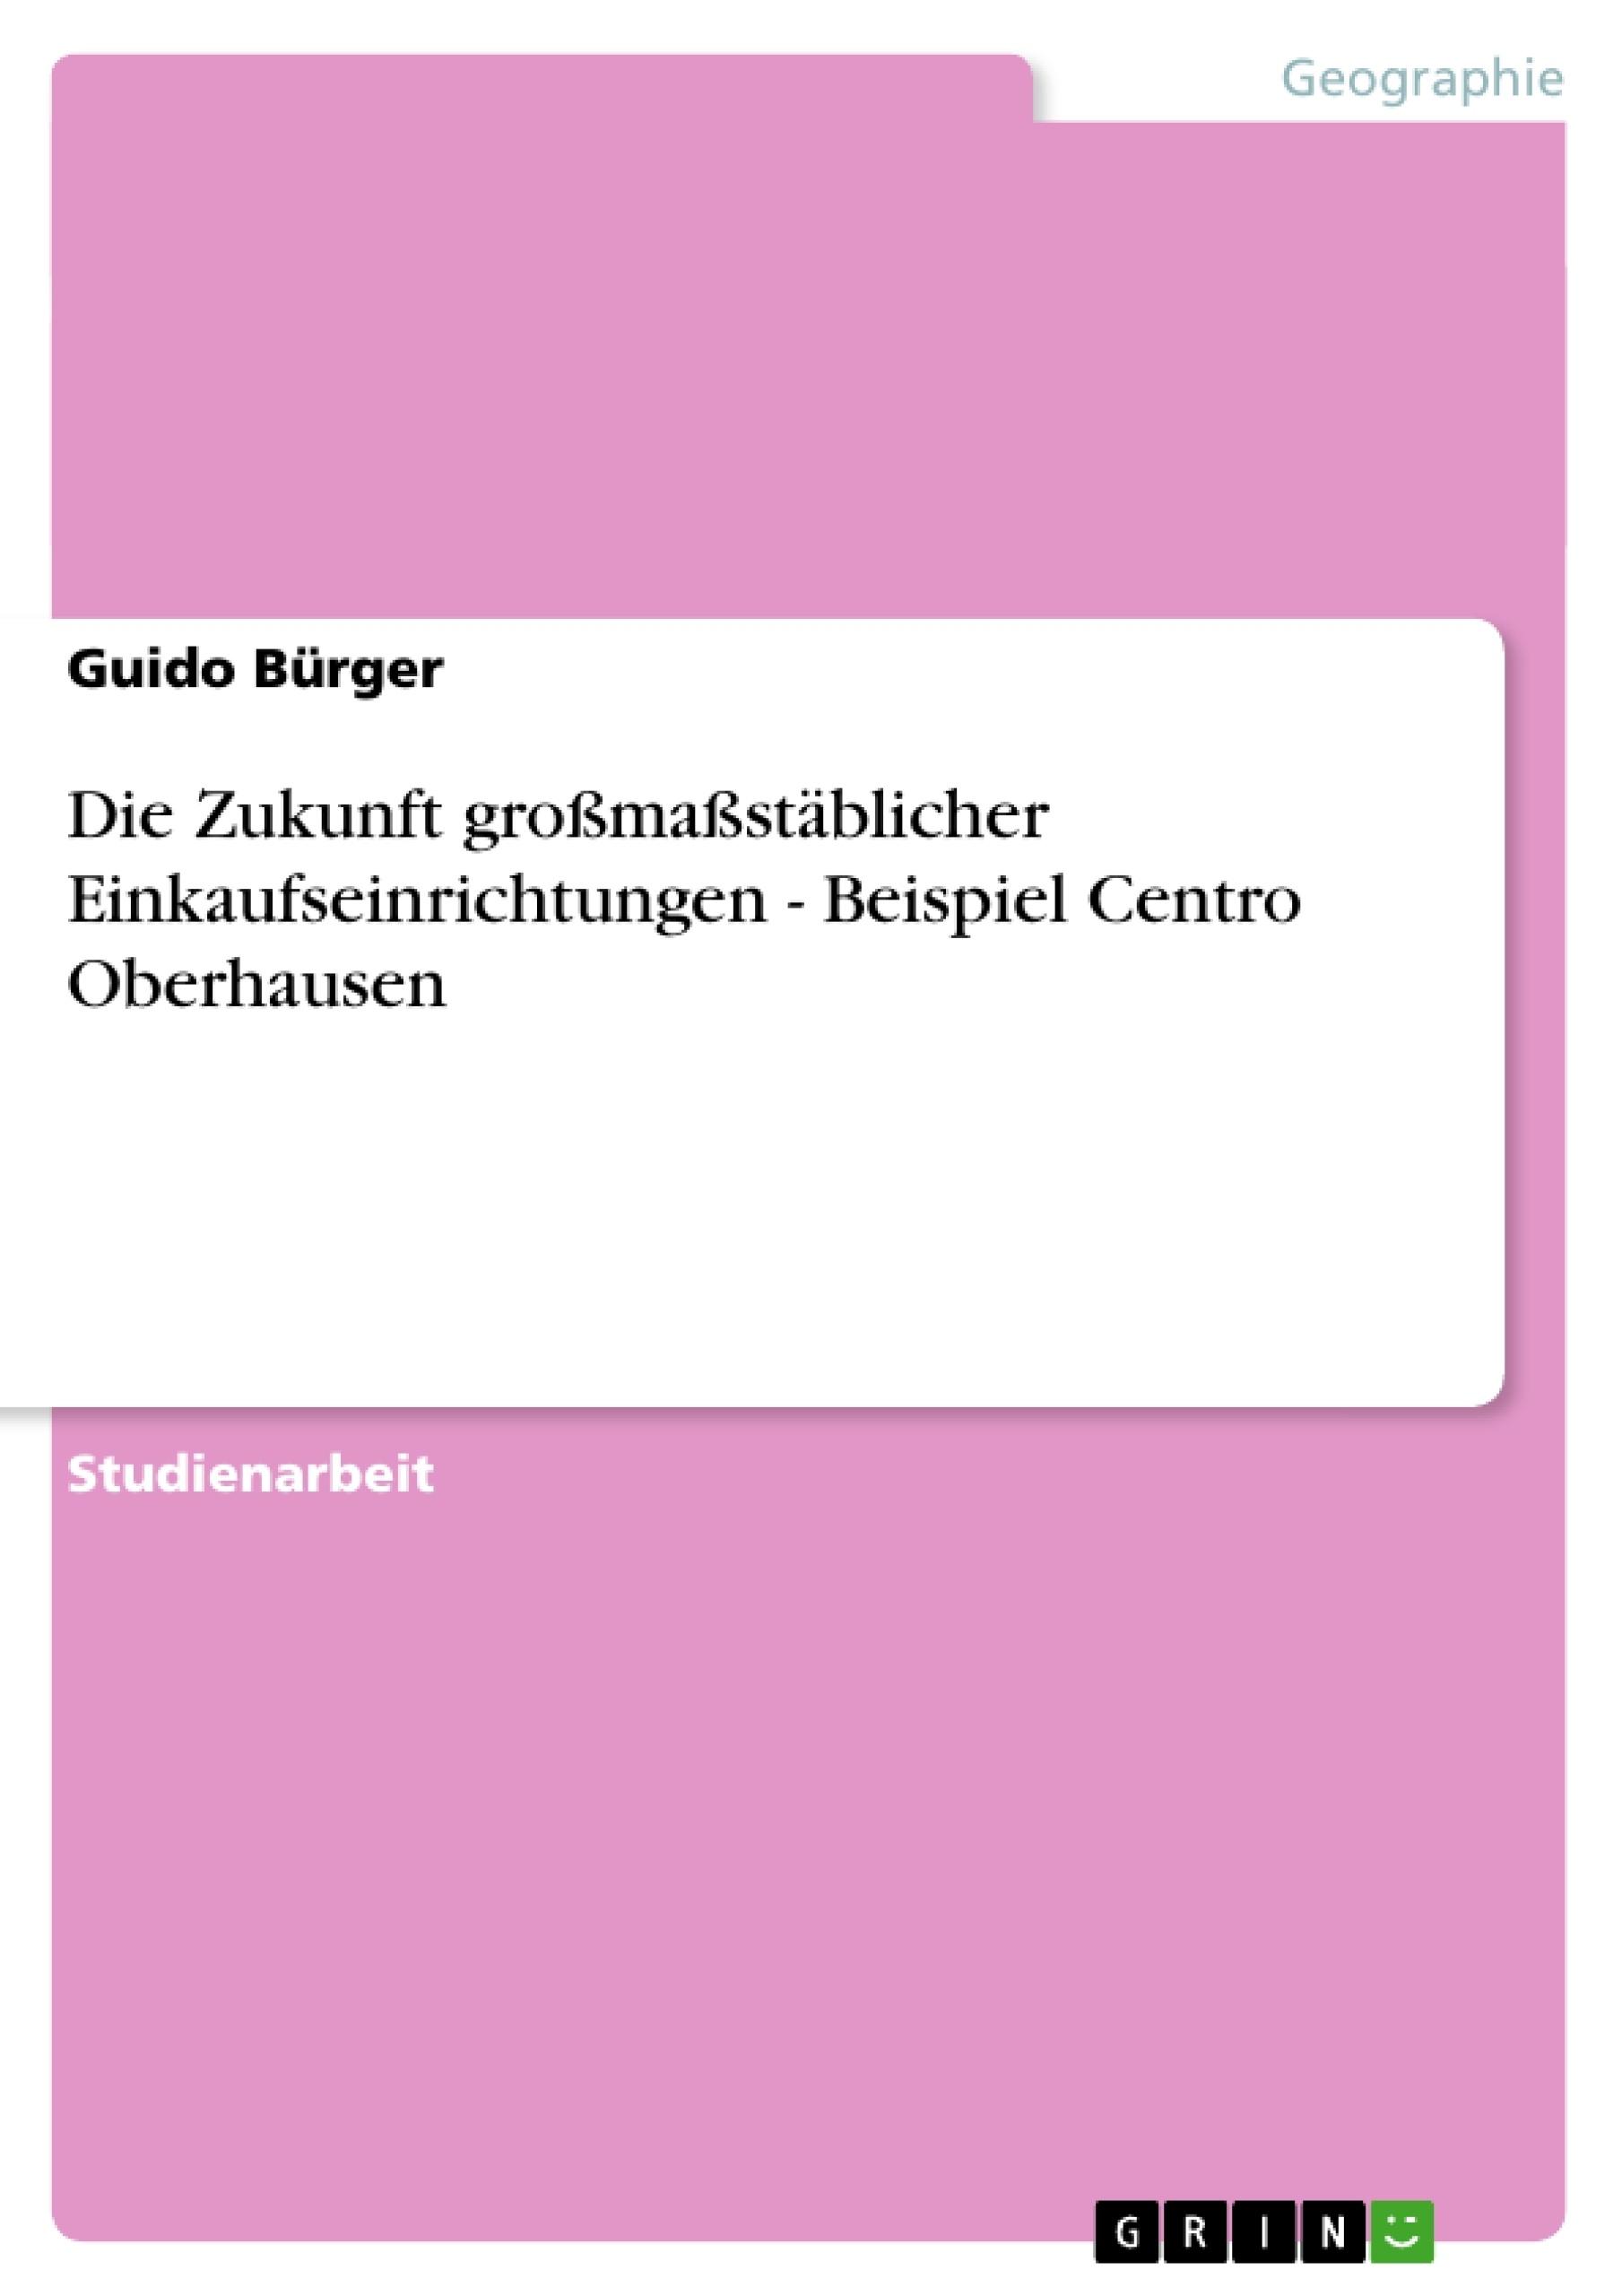 Titel: Die Zukunft großmaßstäblicher Einkaufseinrichtungen - Beispiel Centro Oberhausen